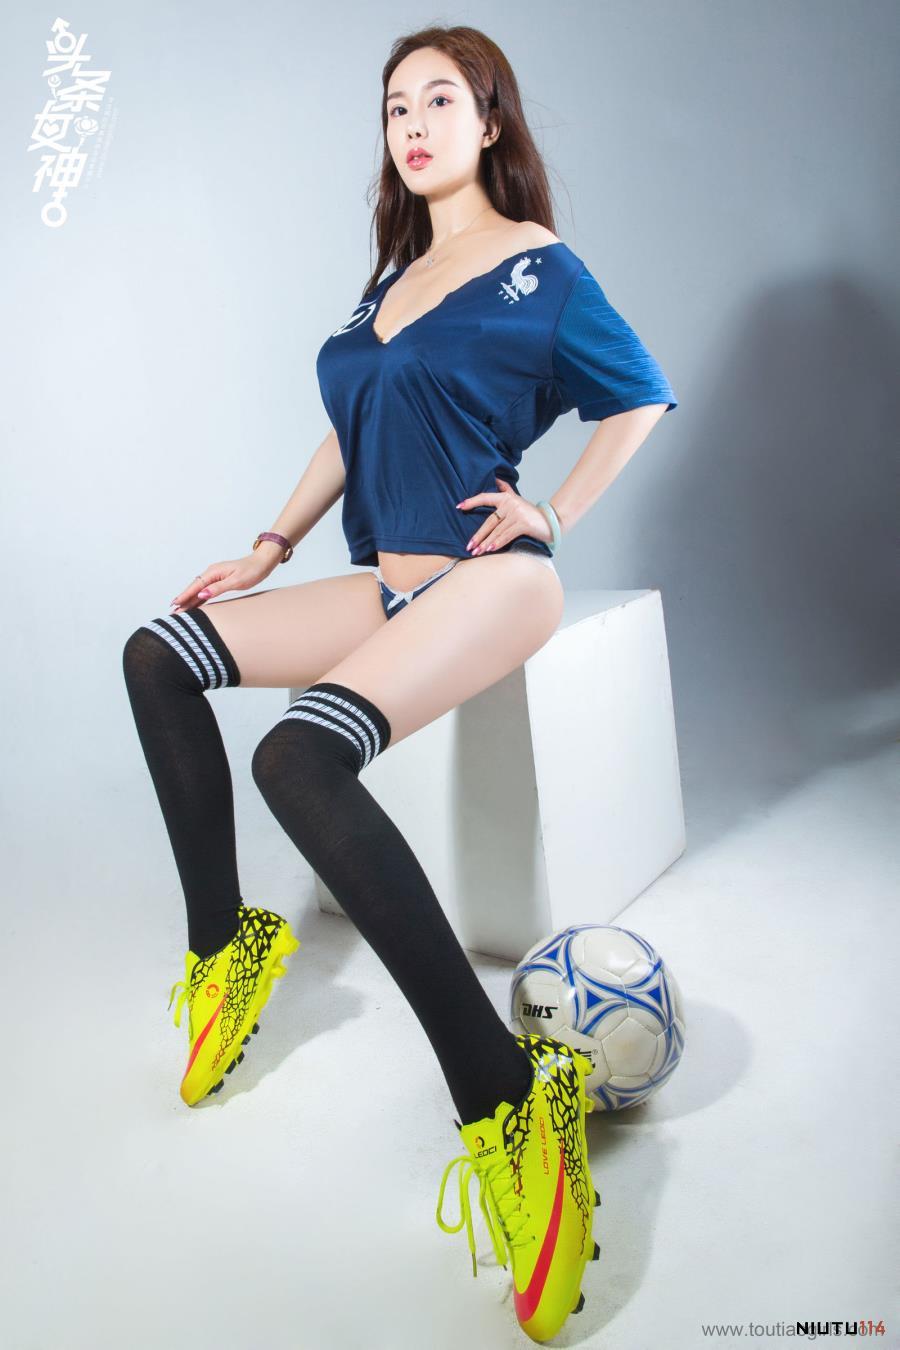 性感美女足球宝贝易阳Silvia黑丝诱惑修长美腿写真图片